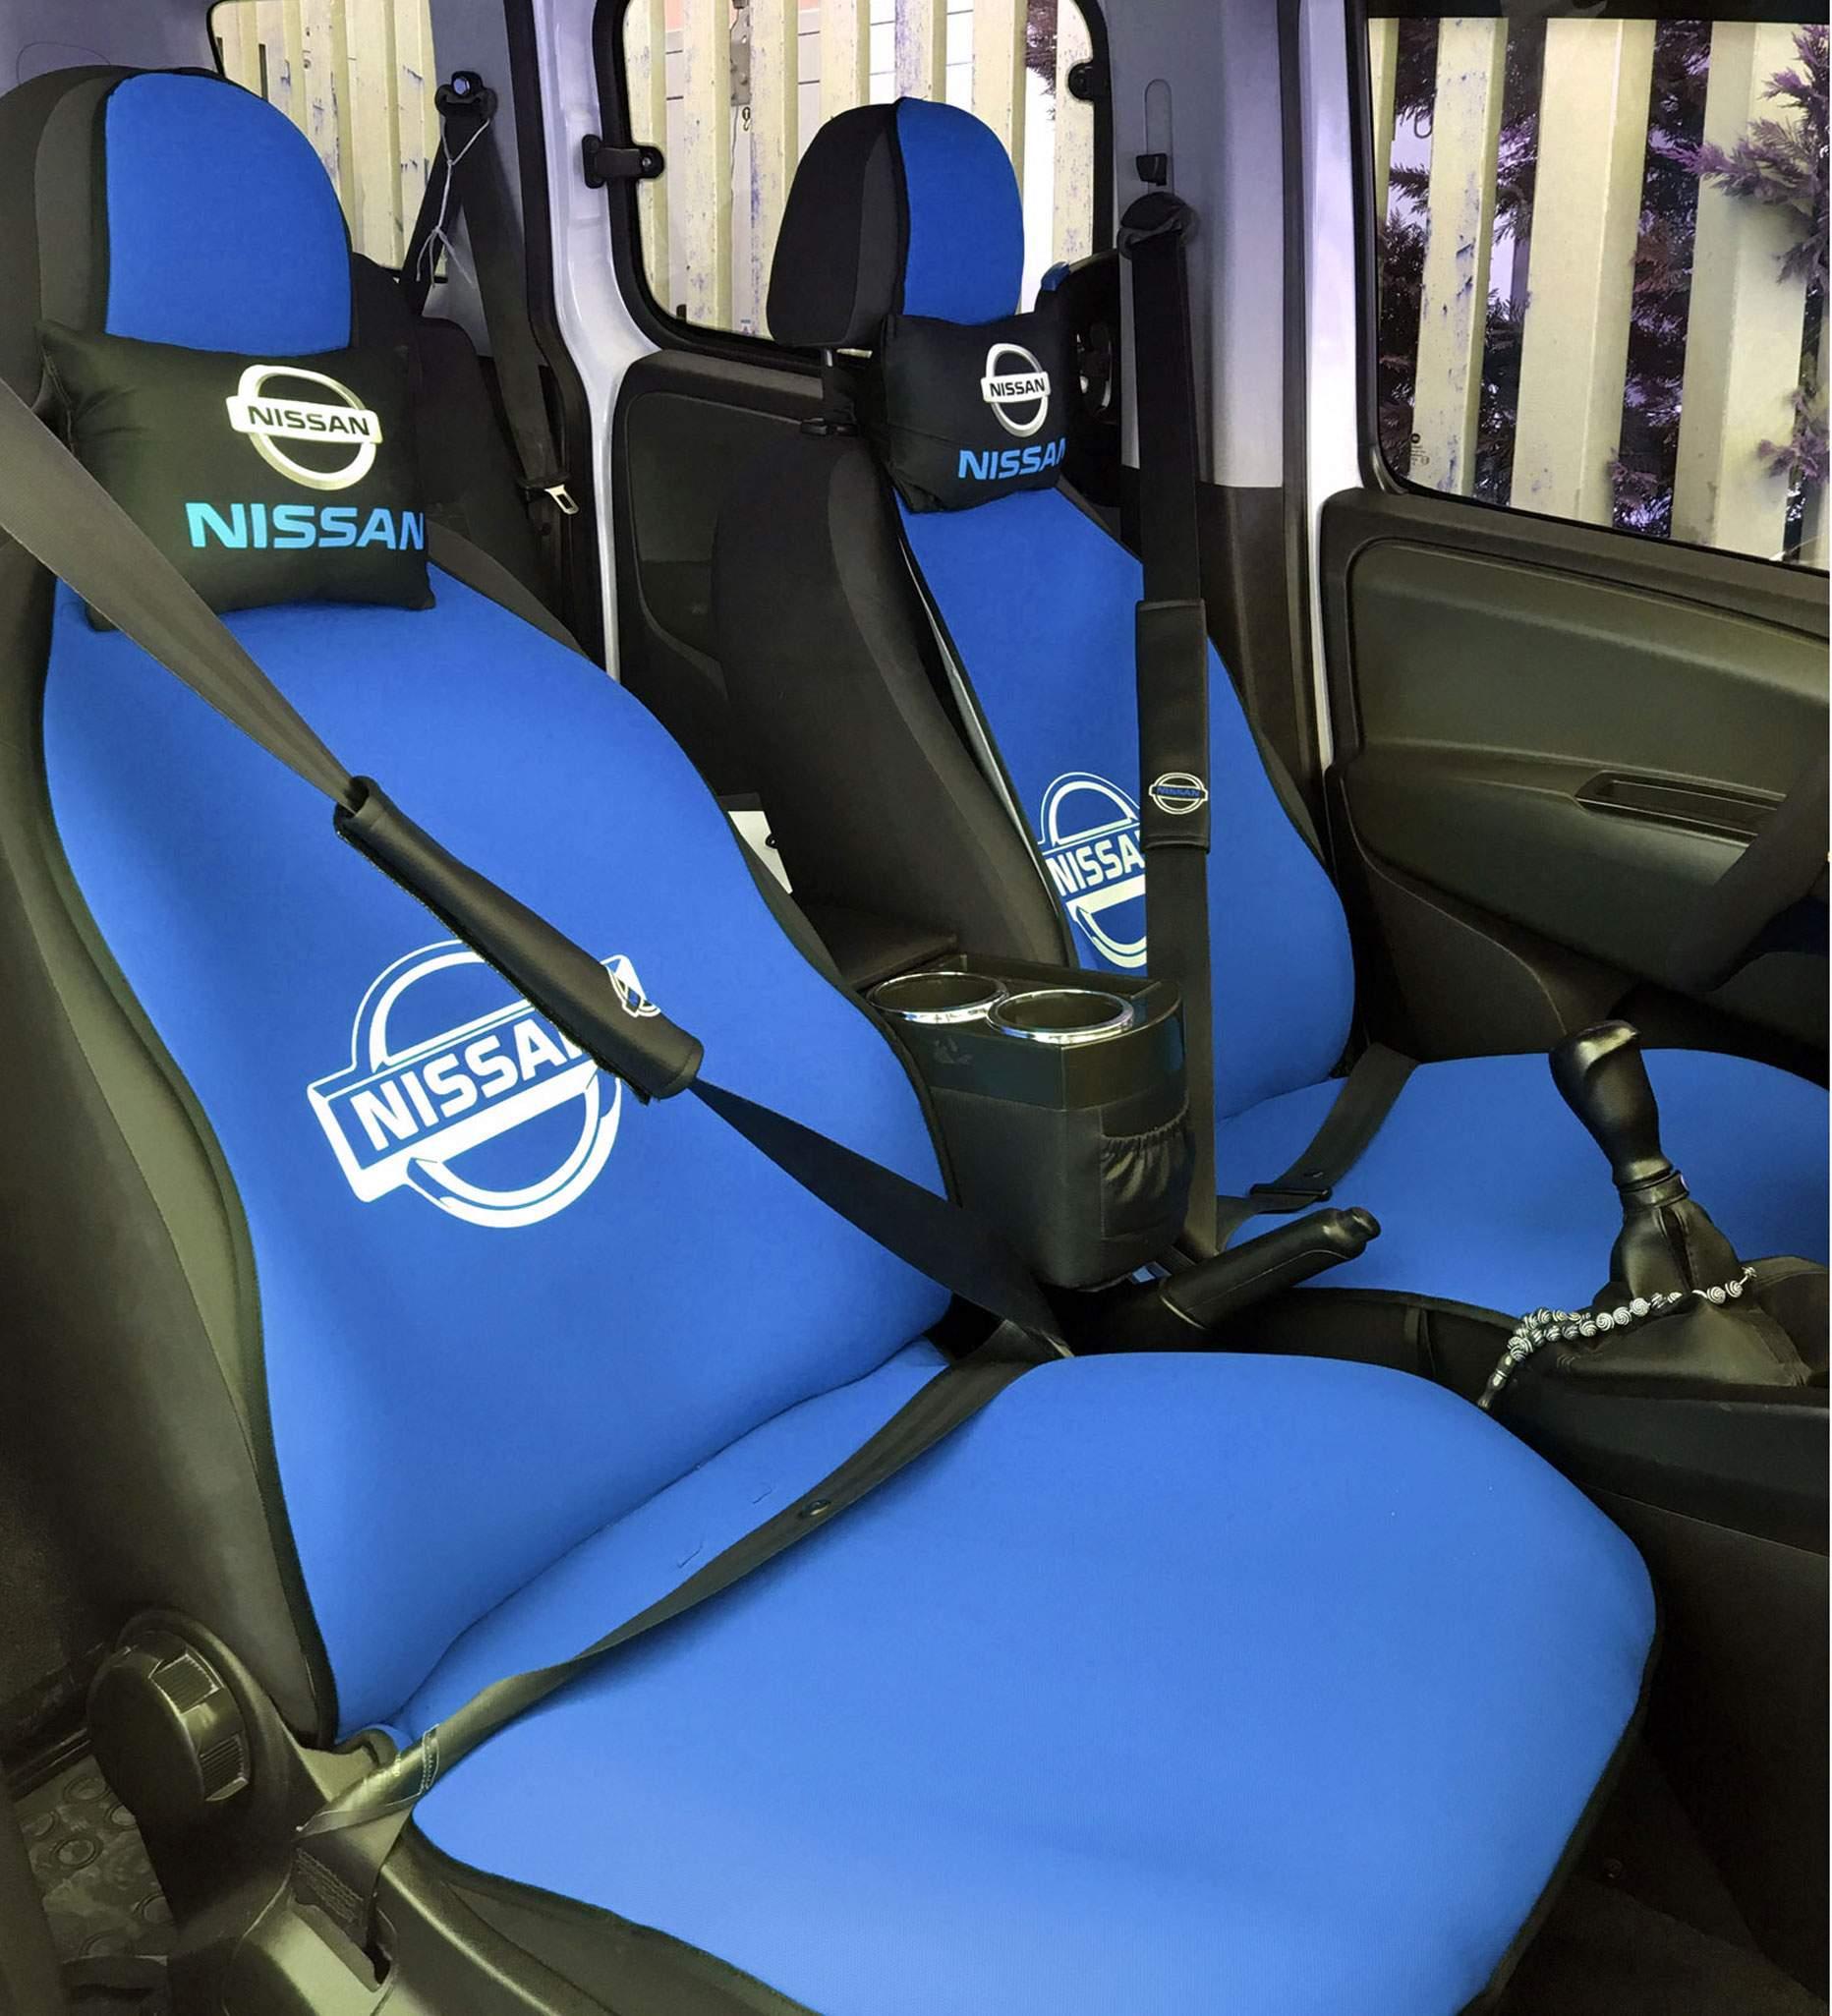 Nissan Uyumlu Terletmez Oto Koltuk Minderi Ve Yastık Seti